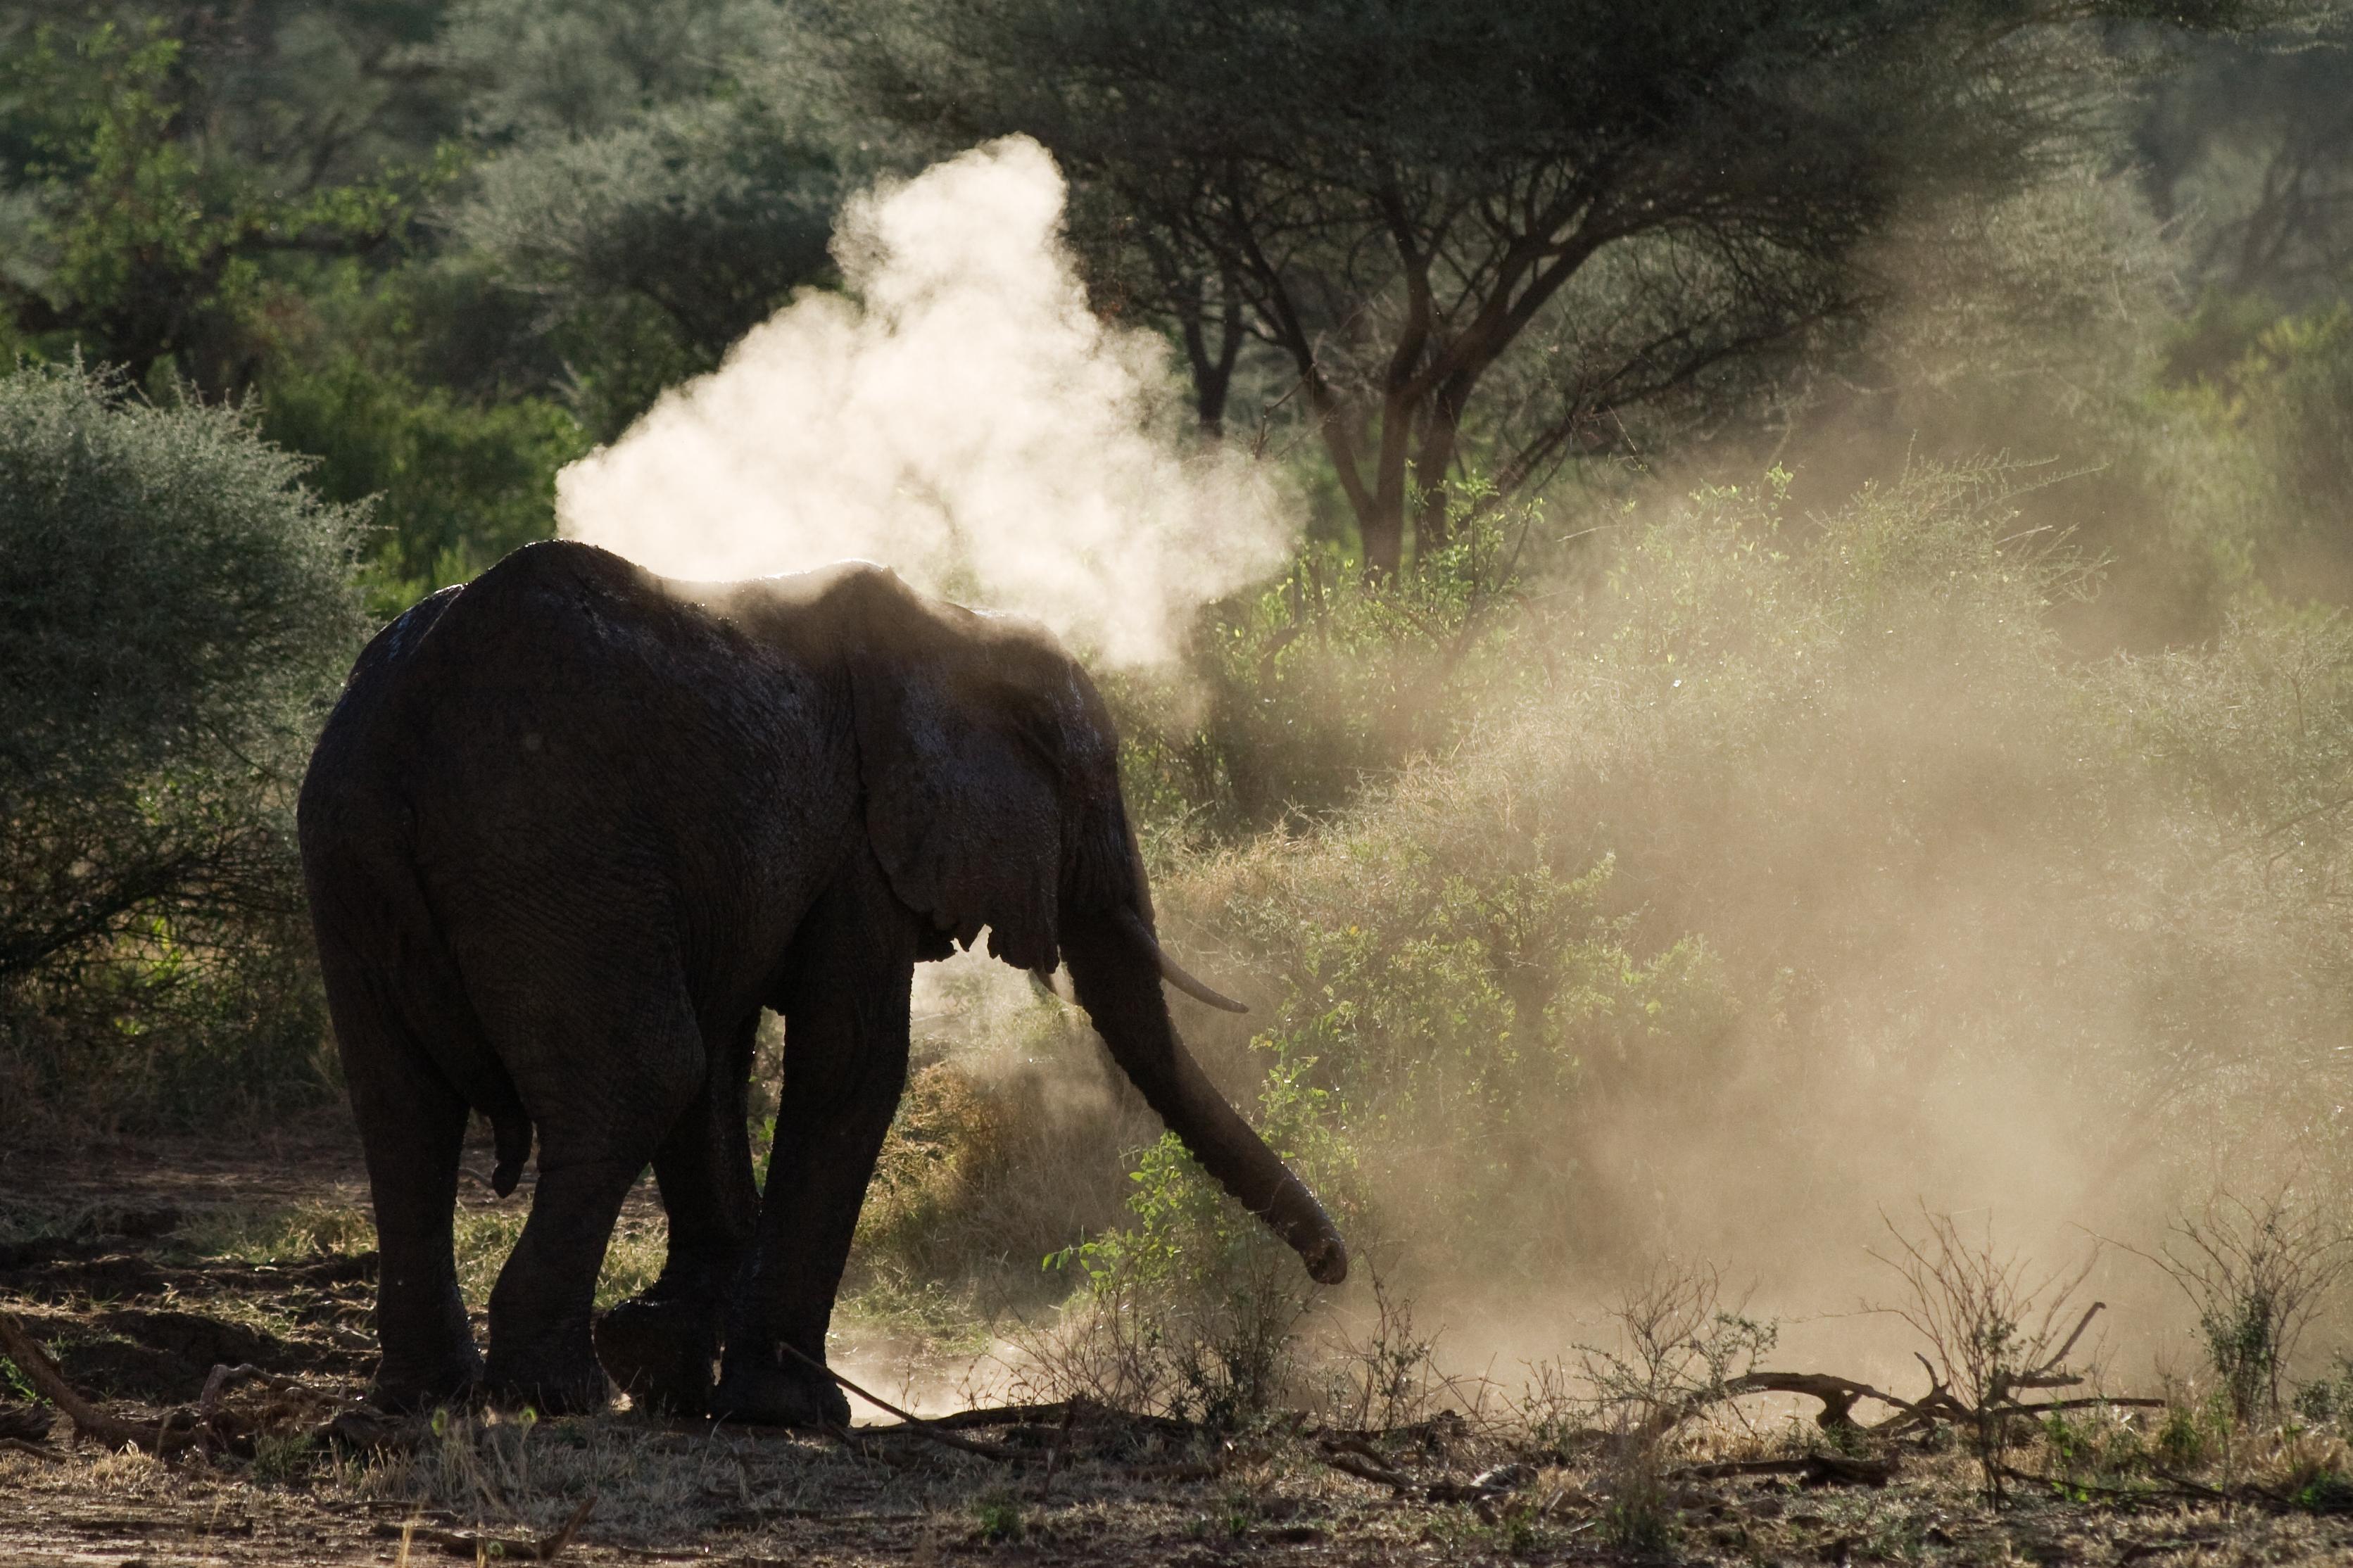 Elephant taking a dust bath